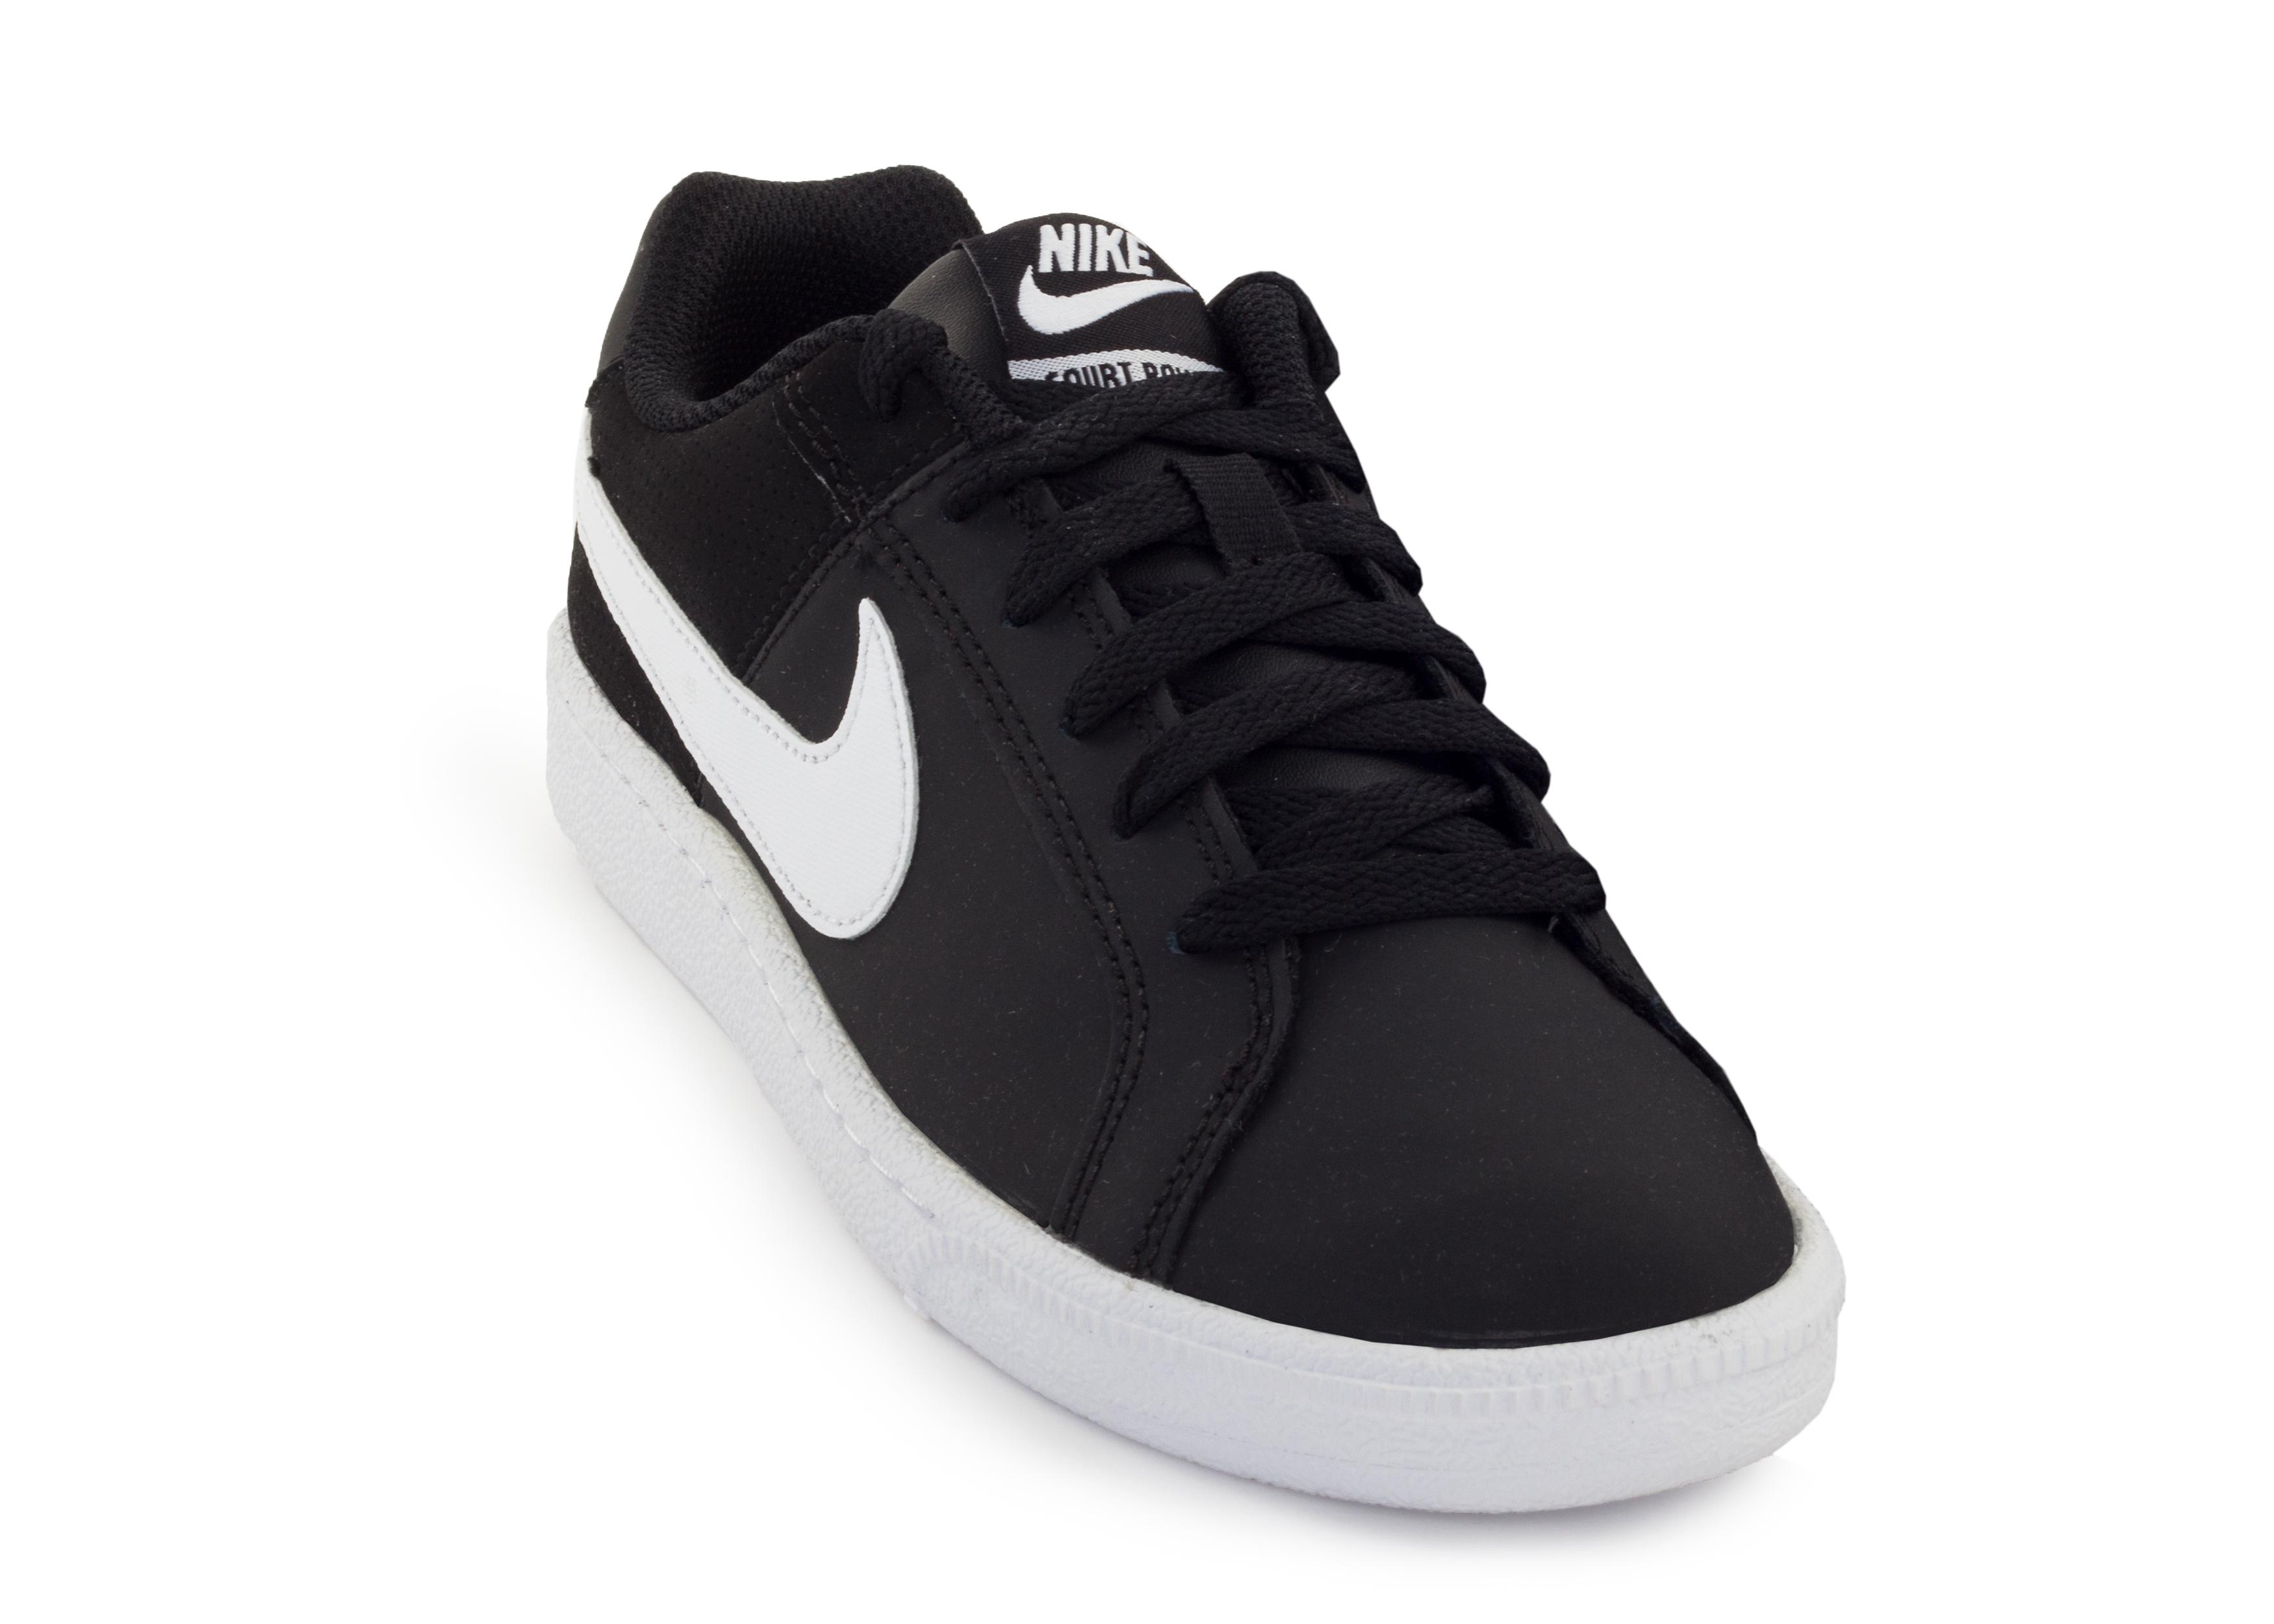 a8f5714d2e40 Кеды кожаные женские Nike Court Royale - Сеть спортивных магазинов ...